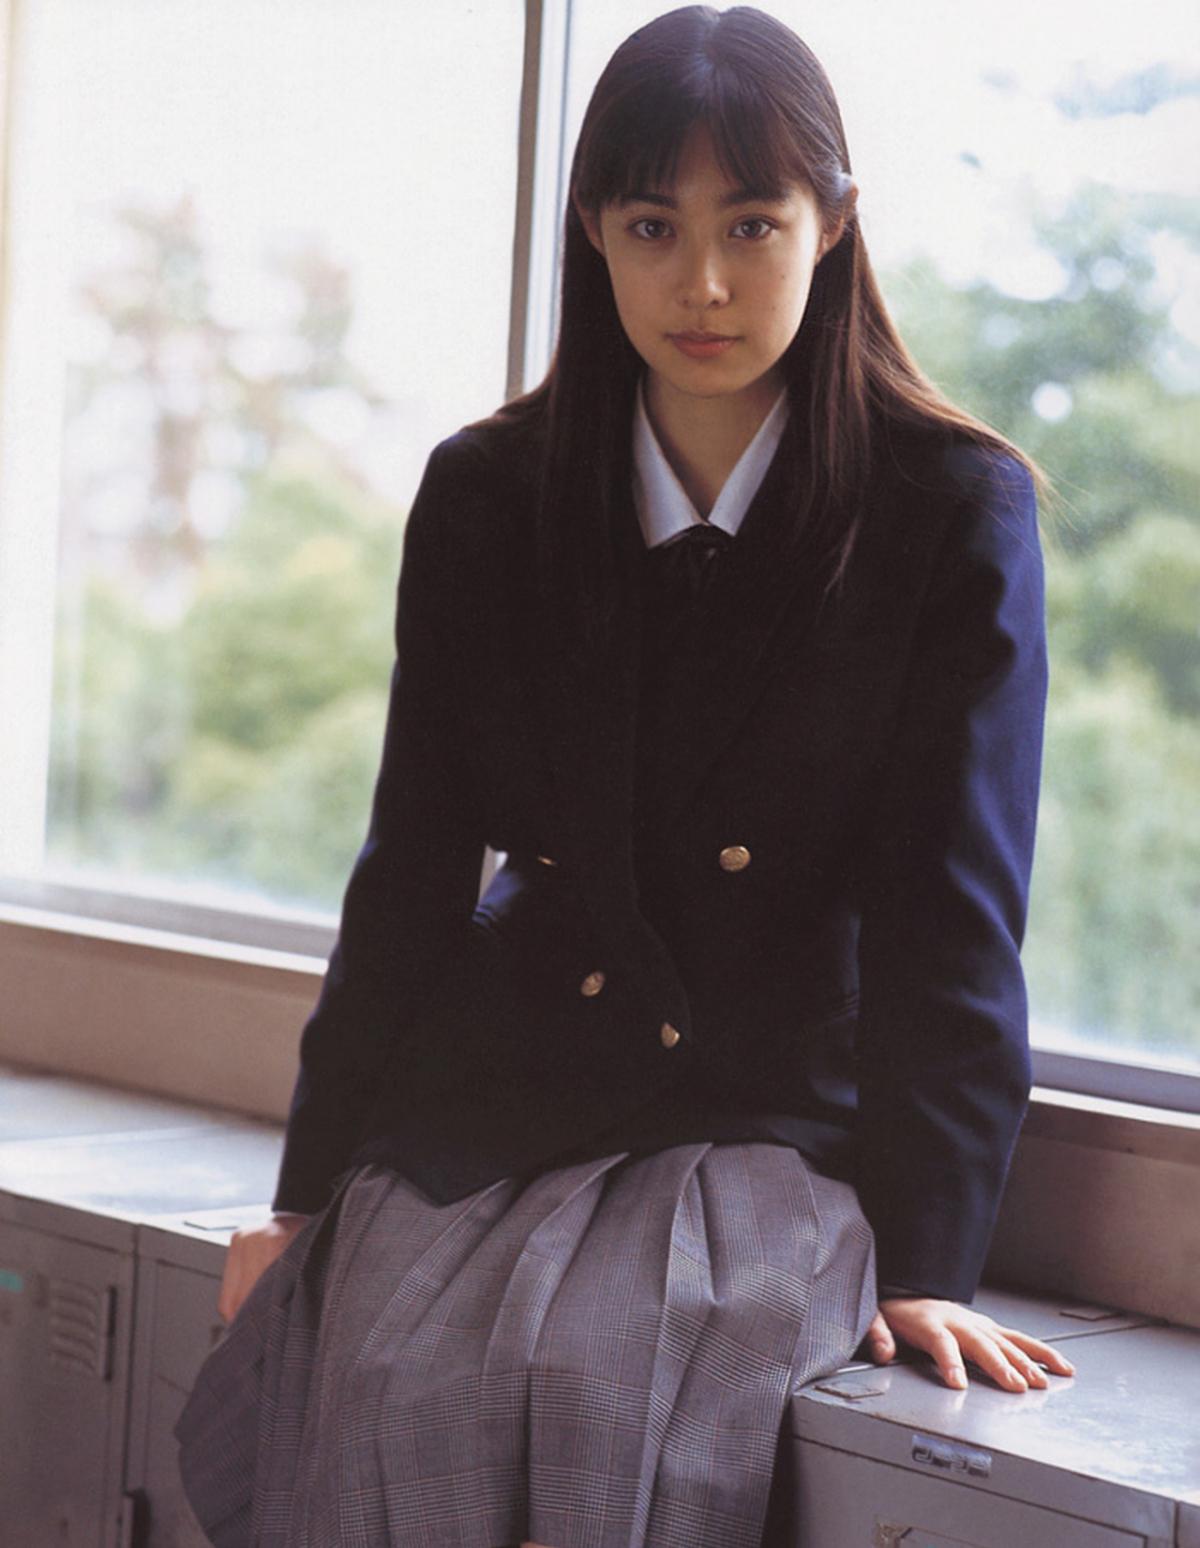 被锁在保险柜里的日本艺人吹石一惠的写真作品 (46)